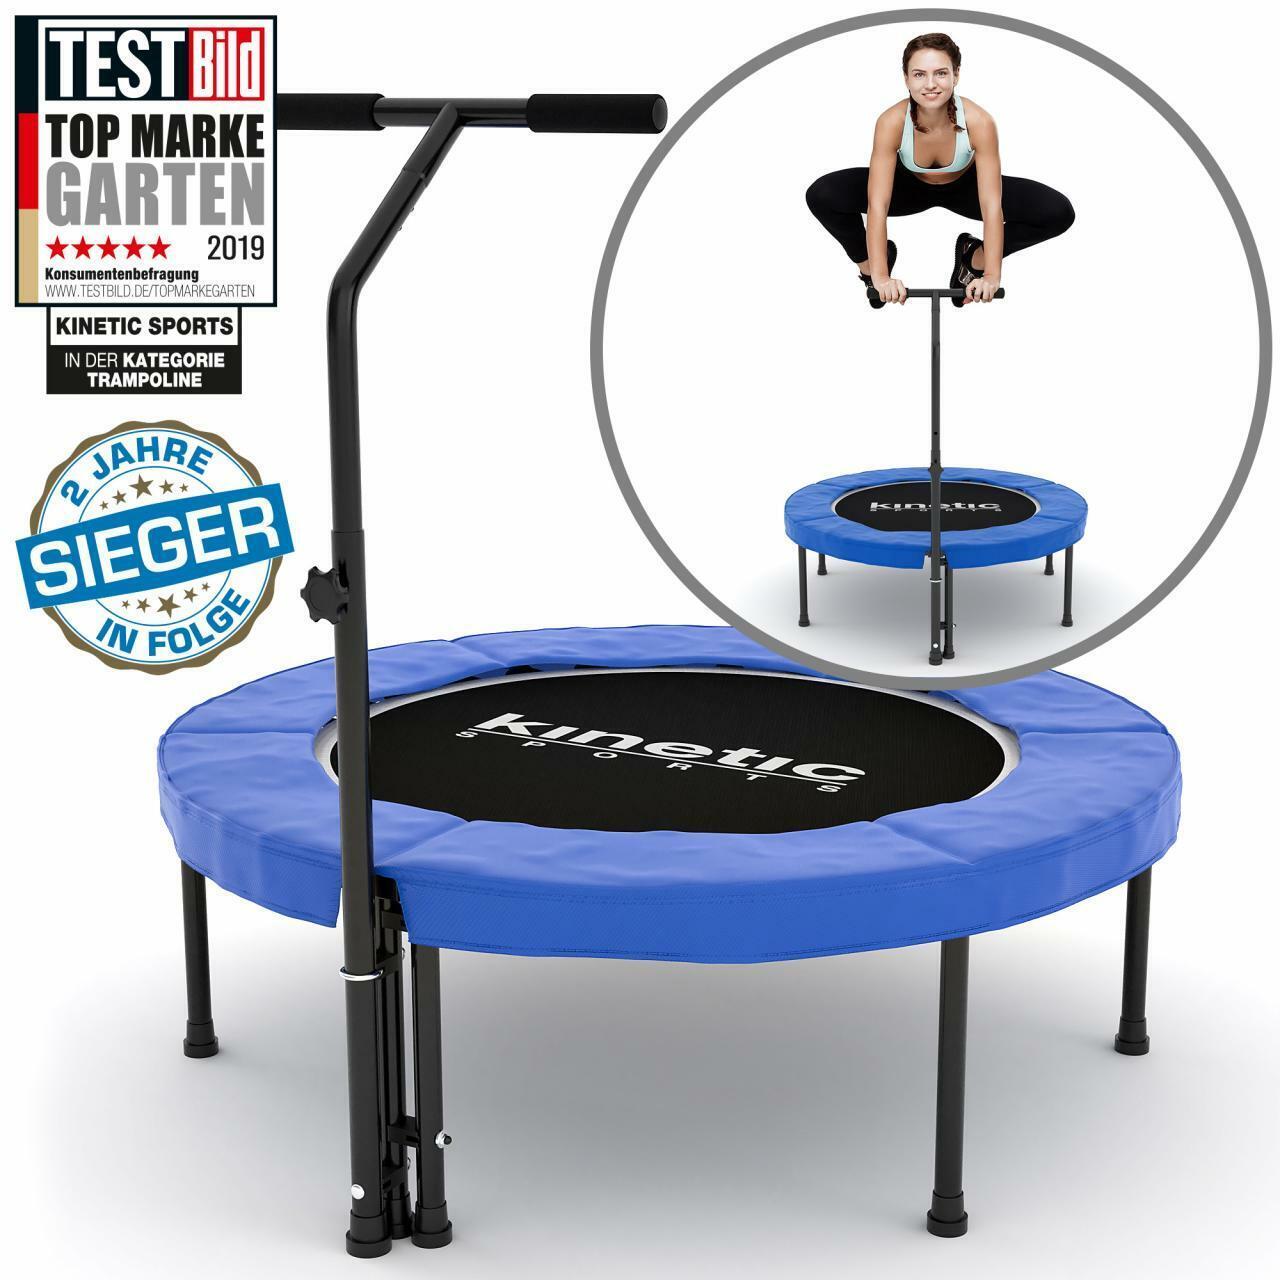 Trampolino Elastico per Fitness 100cm Tapetto Palestra Interno Allenamento Blu